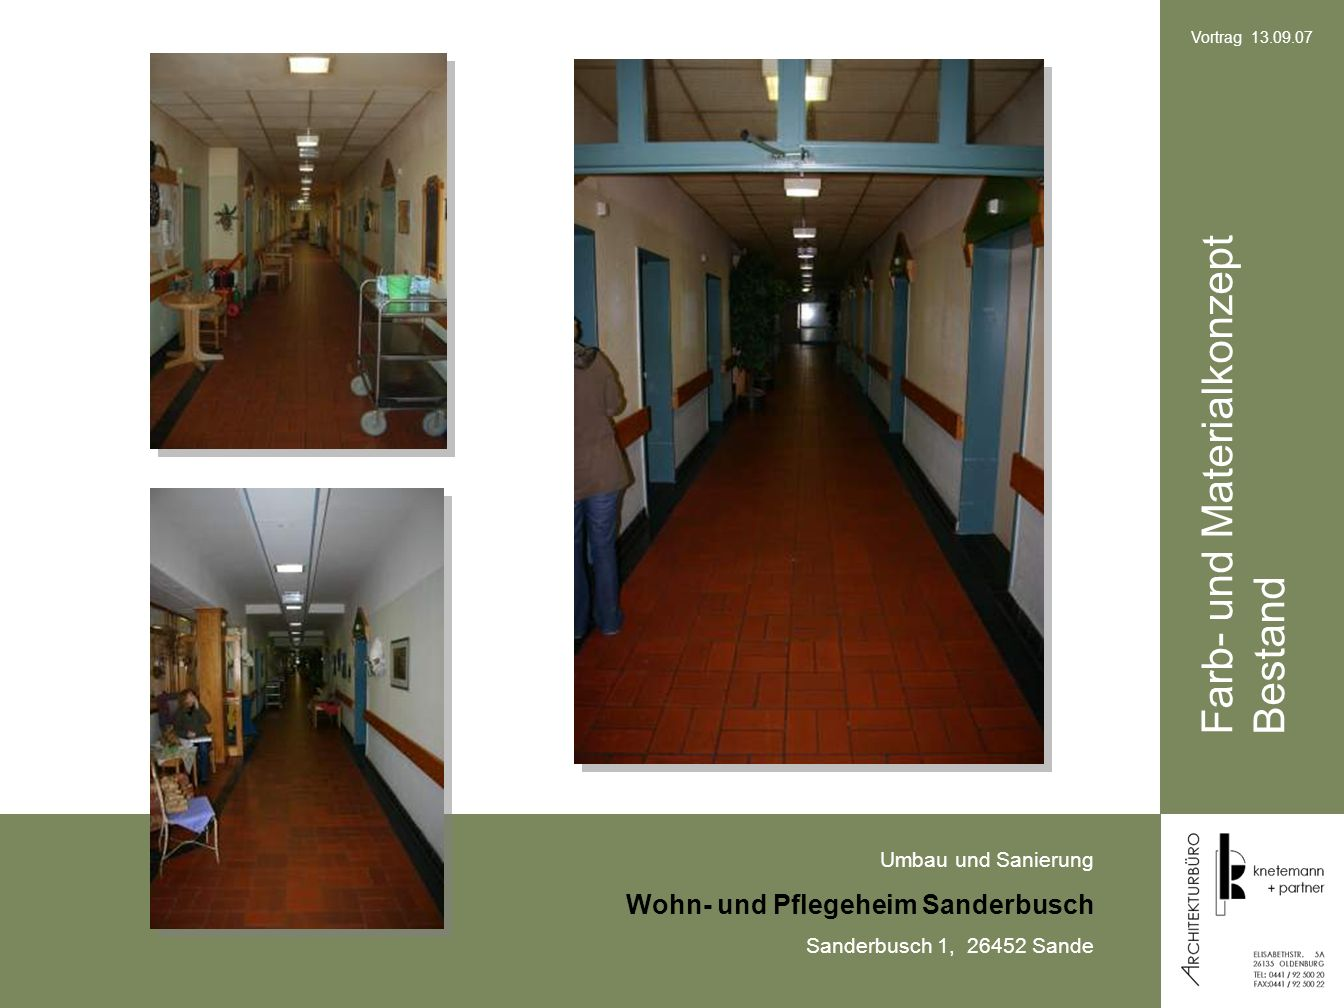 Umbau und Sanierung Wohn- und Pflegeheim Sanderbusch Sanderbusch 1, 26452 Sande Vortrag 13.09.07 Farb- und Materialkonzept Bestand